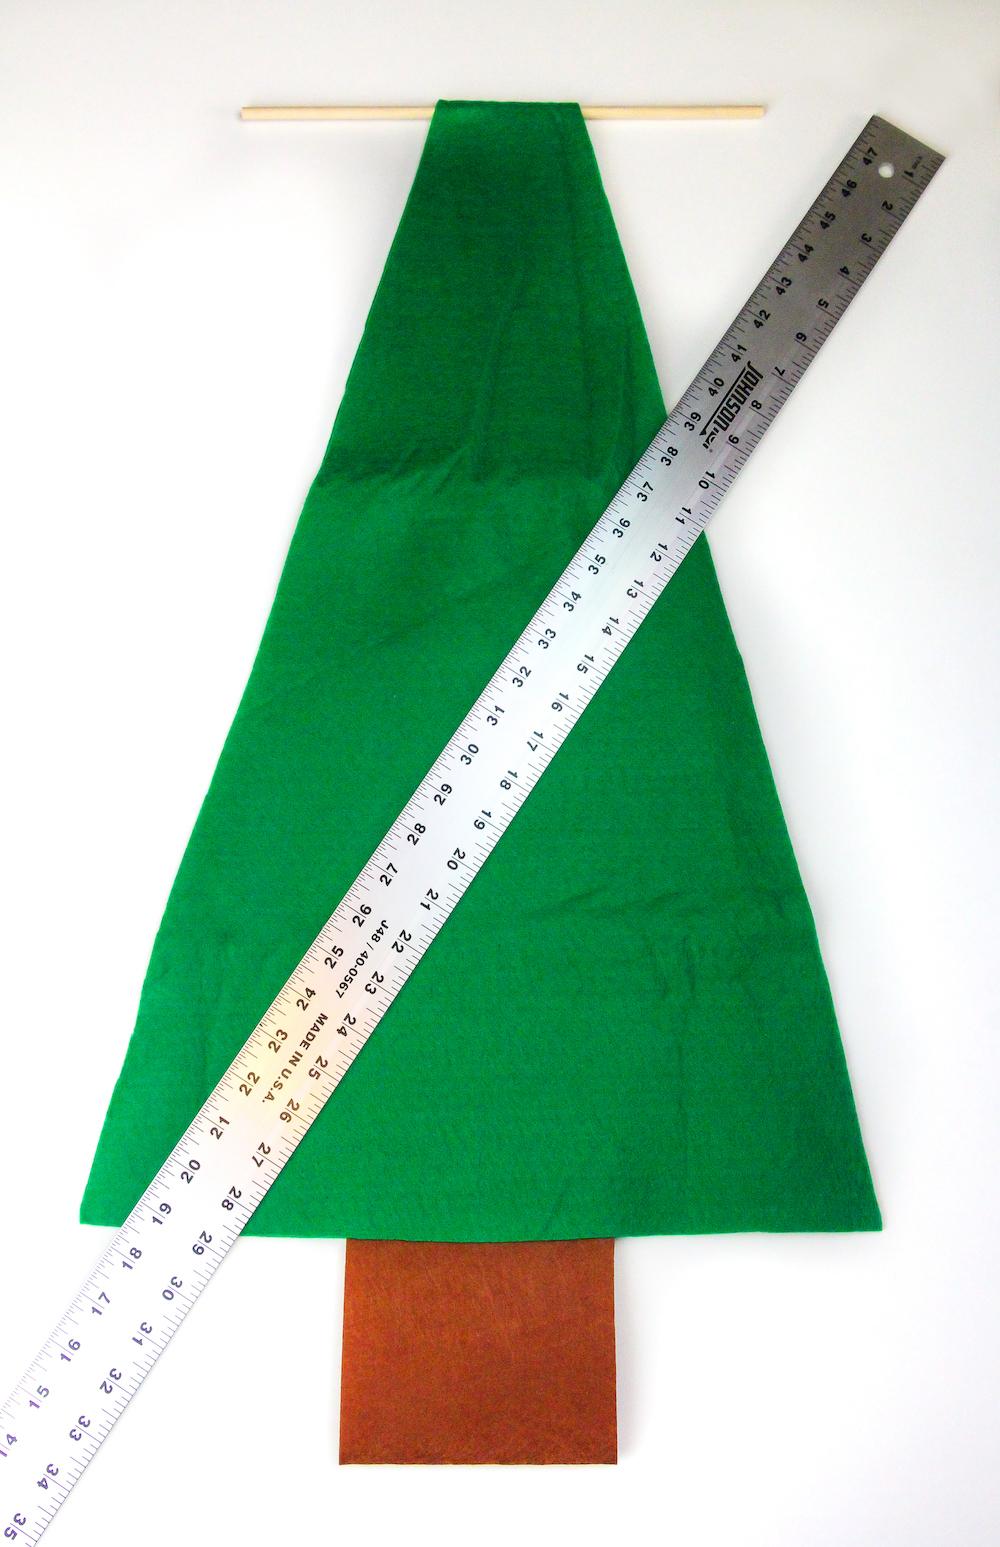 como hacer un árbol navideño de fieltro paso a paso, manualidades navideñas para decorar la casa, calendario de adviento chocolate